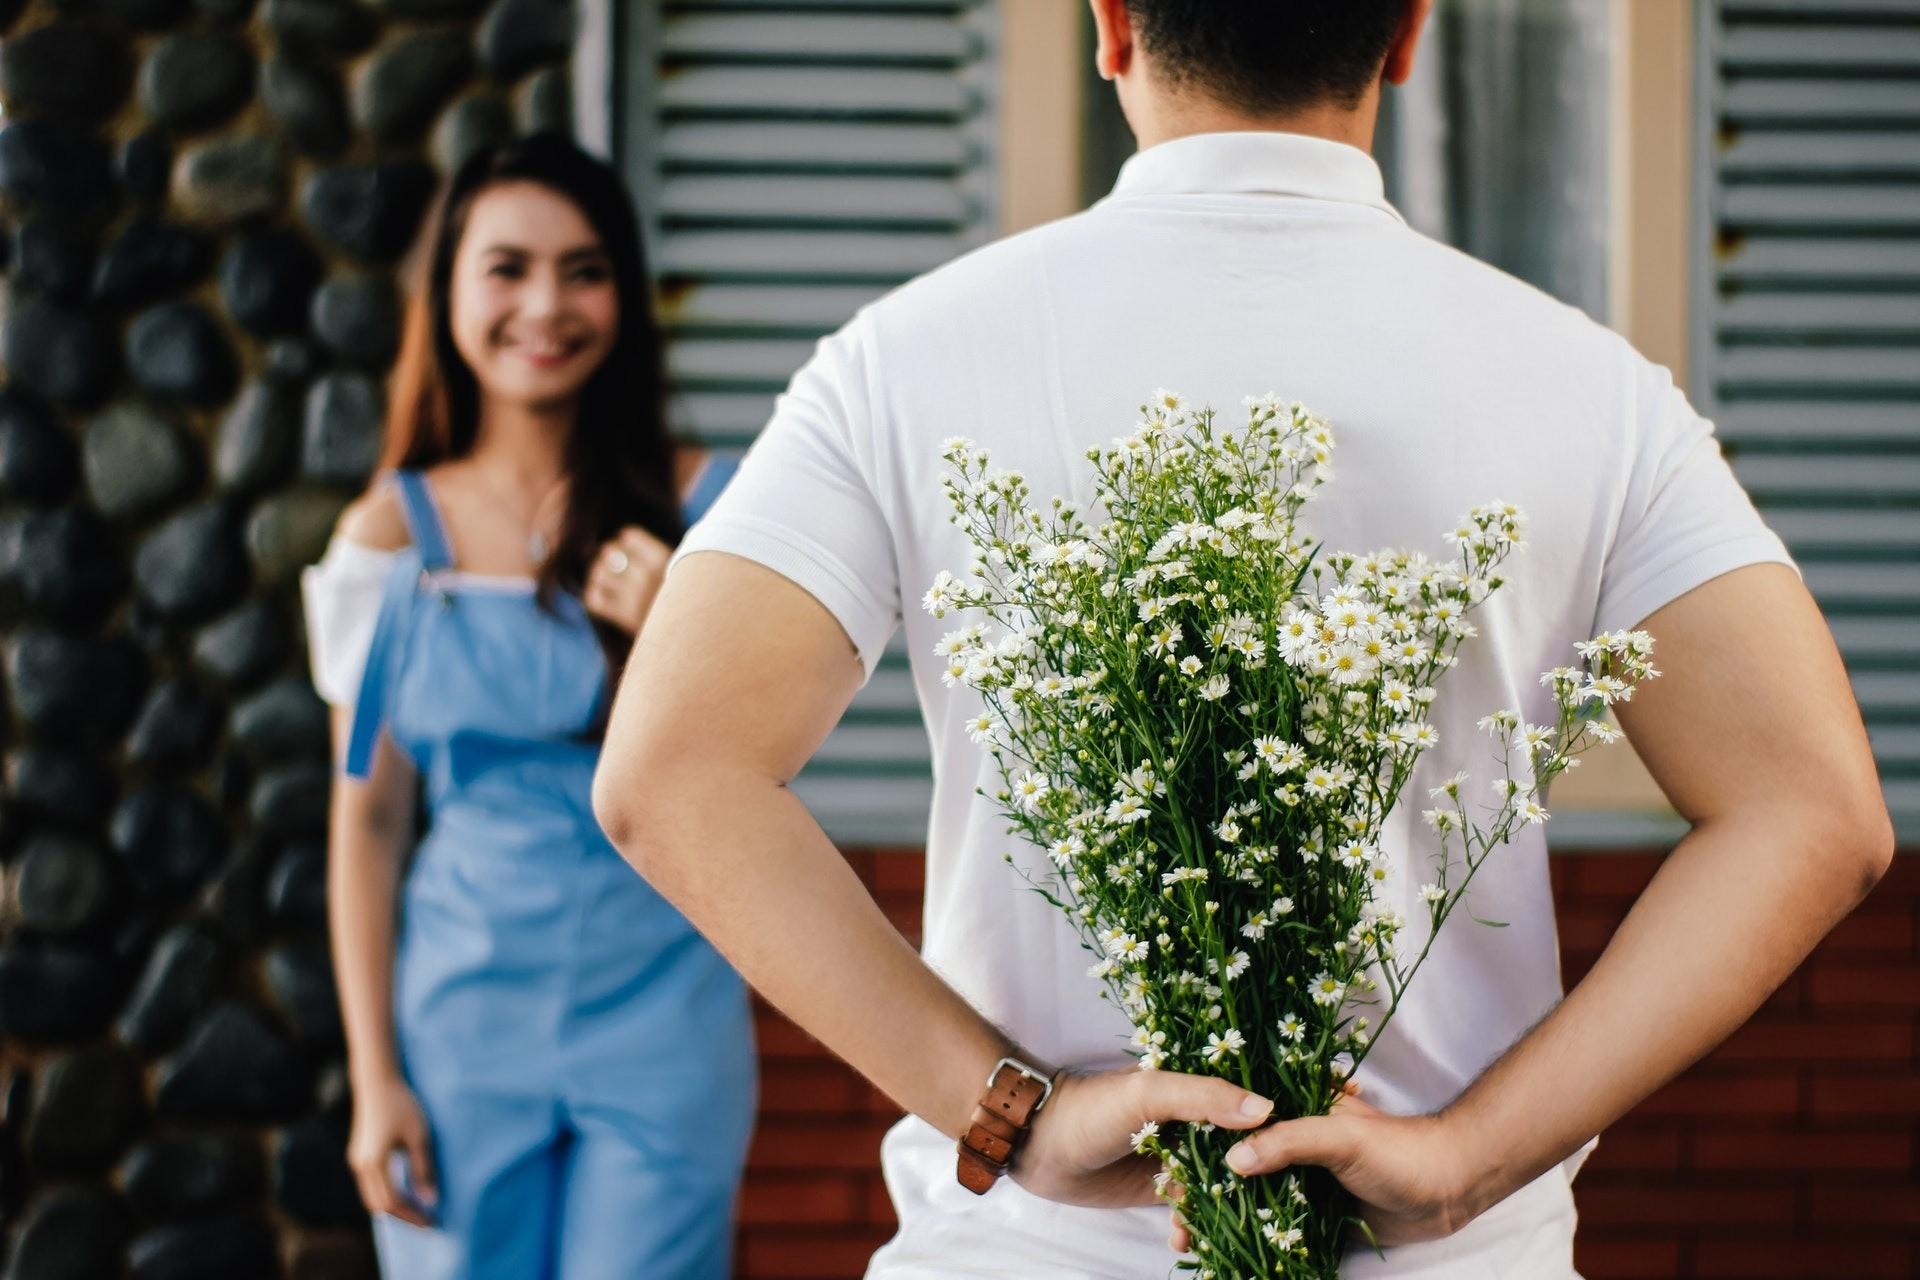 Как избегать мужчин, которые не хотят серьезных отношений